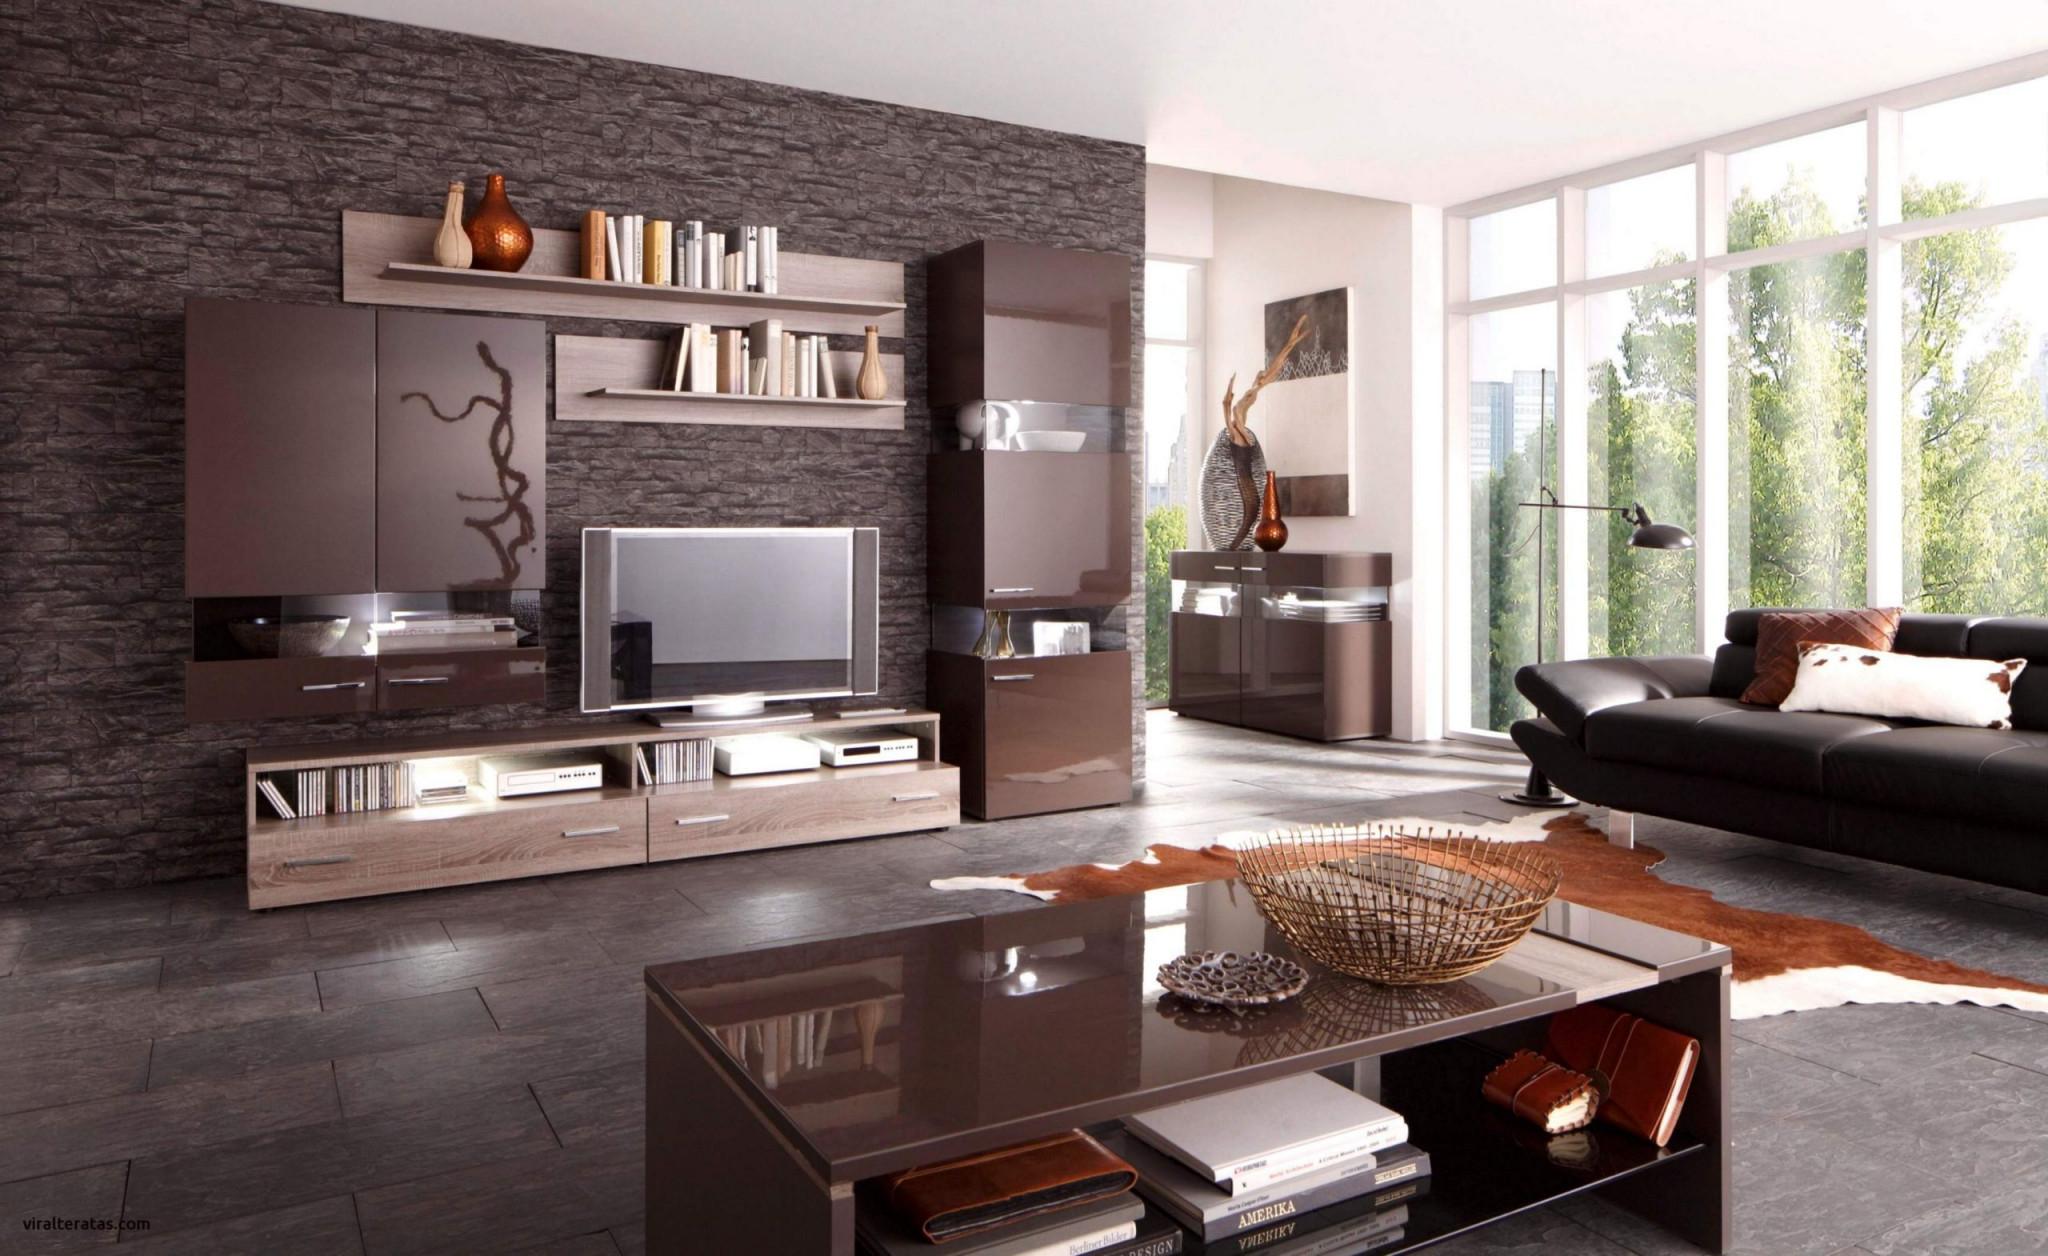 Wohnzimmer Gemütlich Schön Frisch Gemütliche Wohnzimmer von Wohnzimmer Ideen Gemütlich Bild